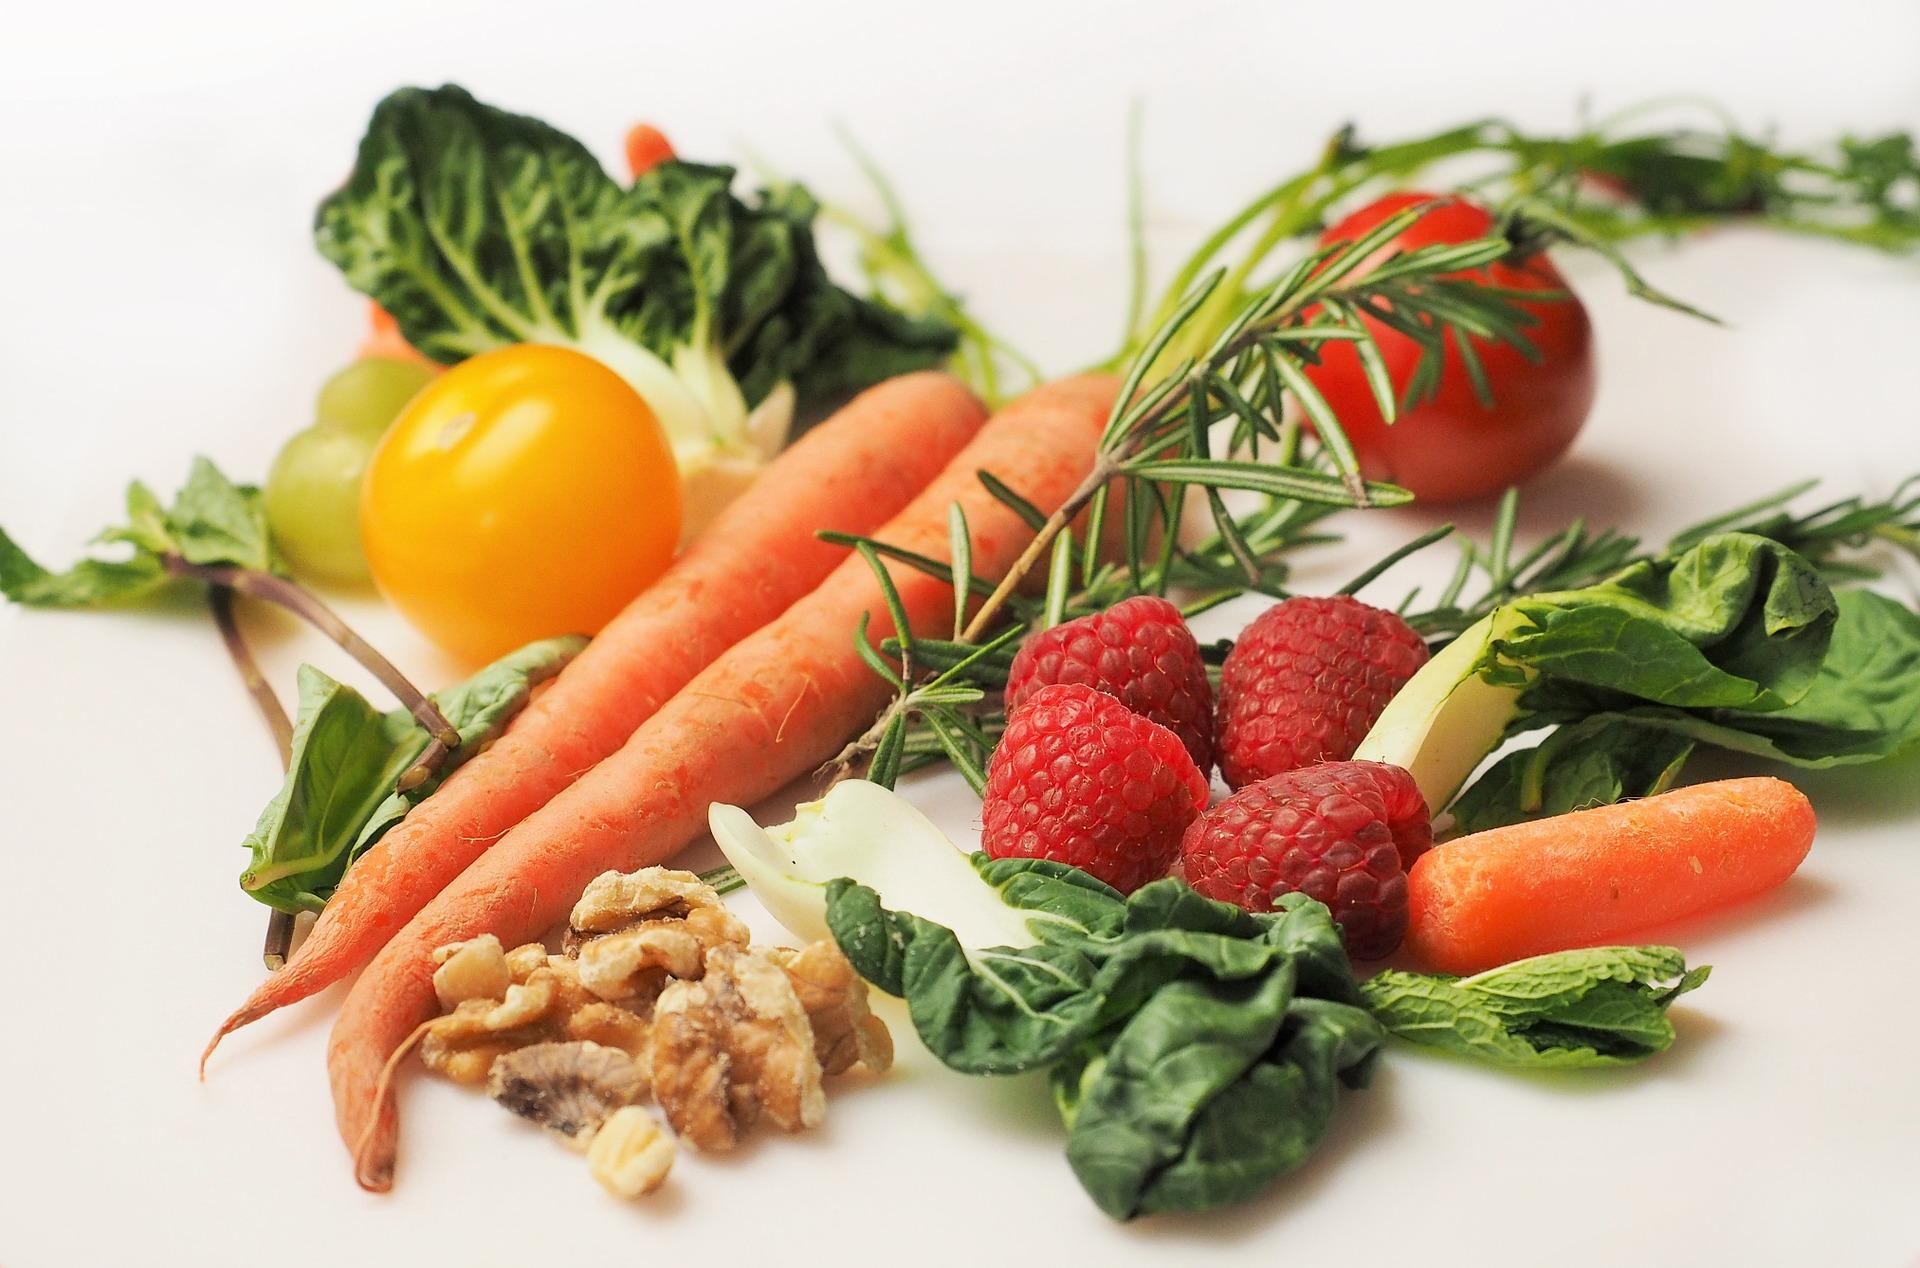 Nährstoffversorgung bei veganer Ernährung